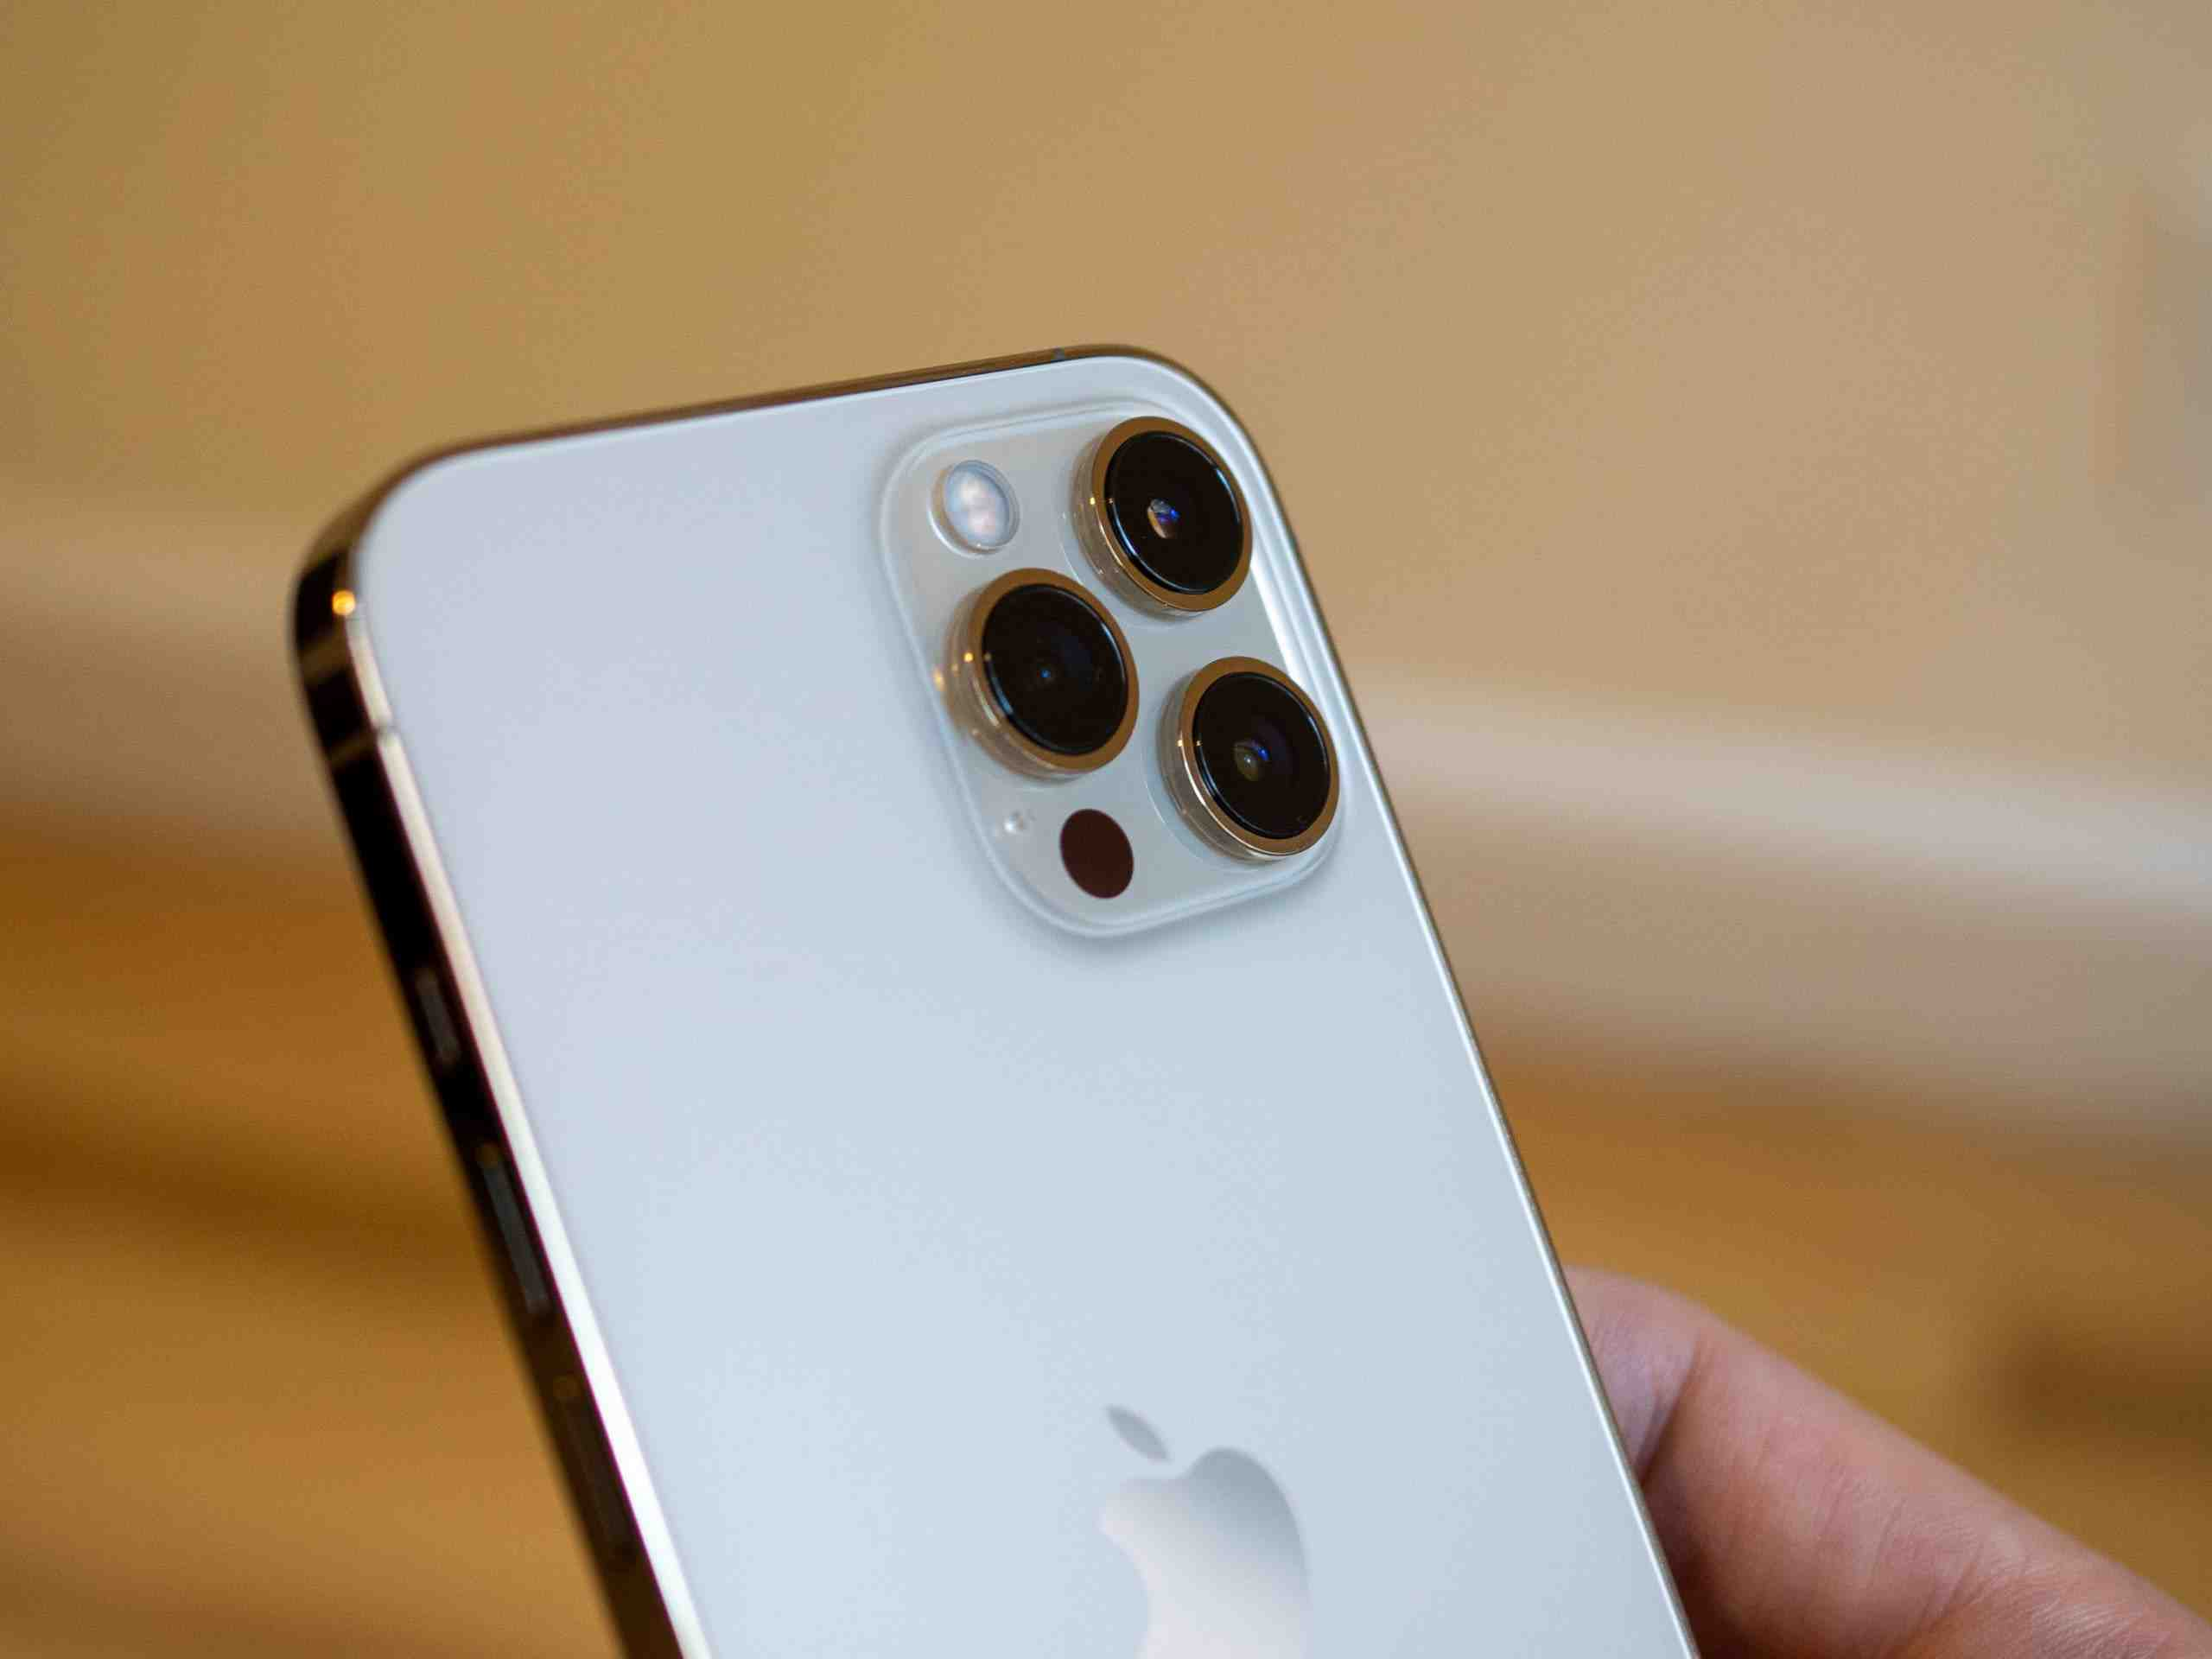 Pourquoi l'iphone 12 pro max est si lourd